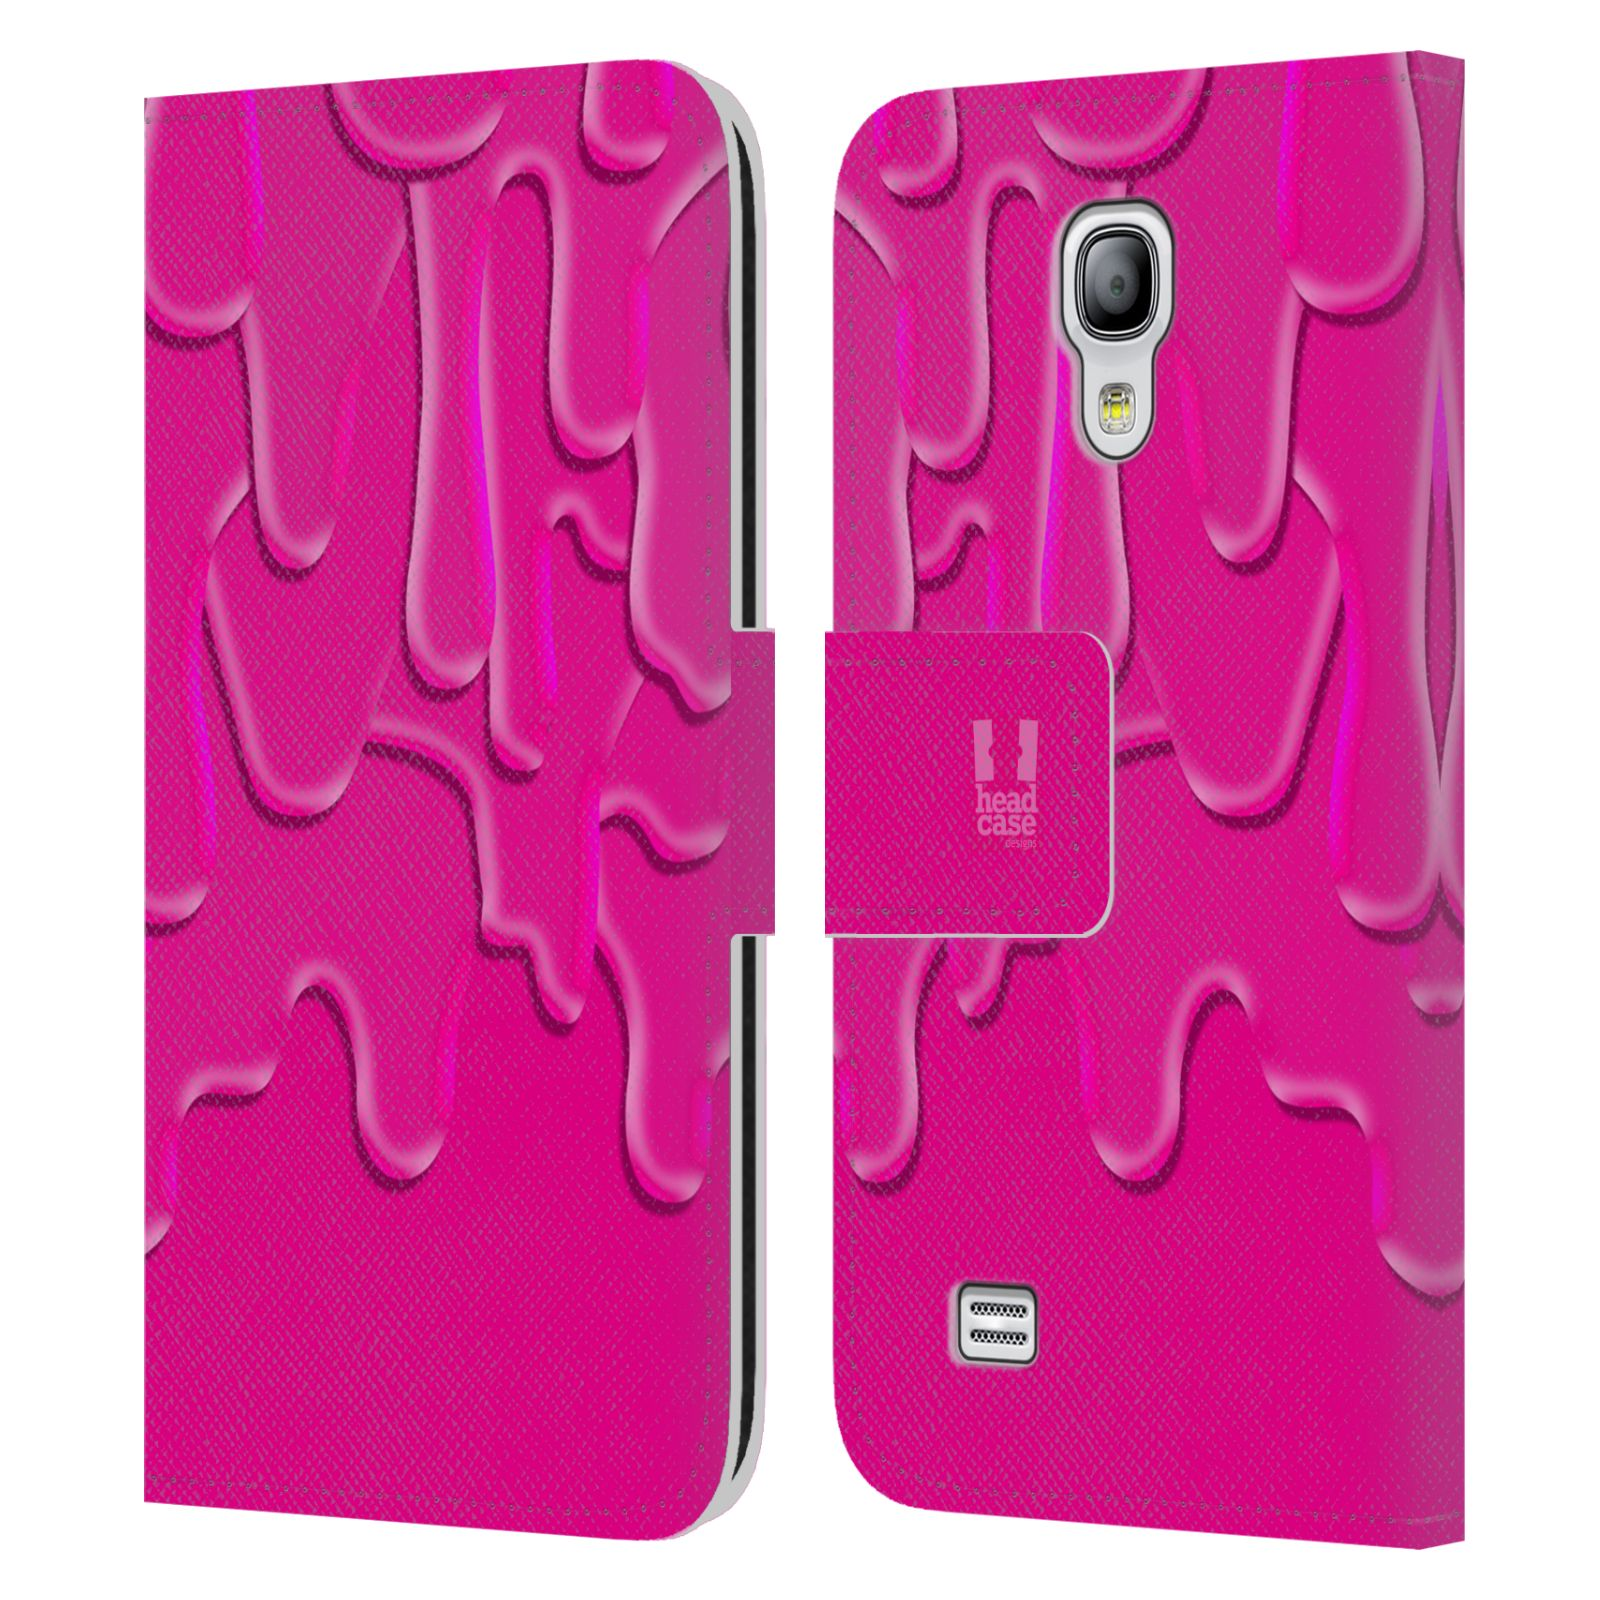 HEAD CASE Flipové pouzdro pro mobil Samsung Galaxy S4 MINI / S4 MINI DUOS ZÁPLAVA BARVA růžová